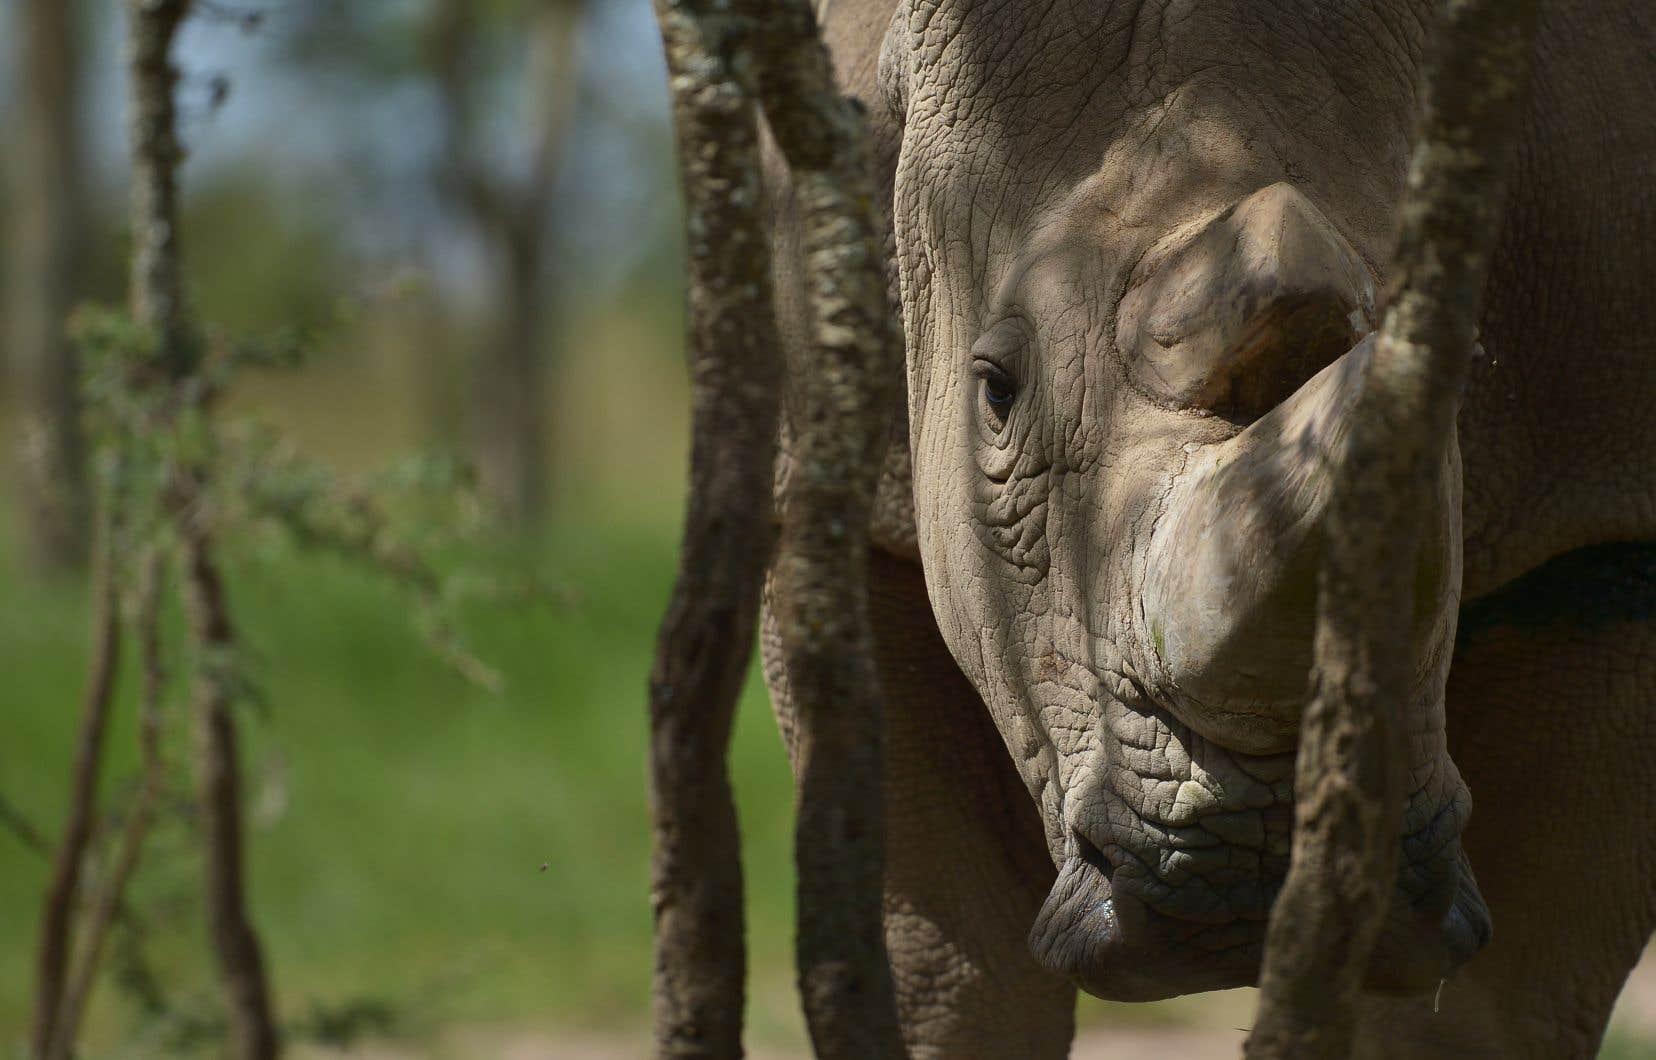 <p>Sudan, reconnaissable à son imposante stature et sa corne arrondie, était un vieillard au regard de l'espérance de vie des rhinocéros.</p>